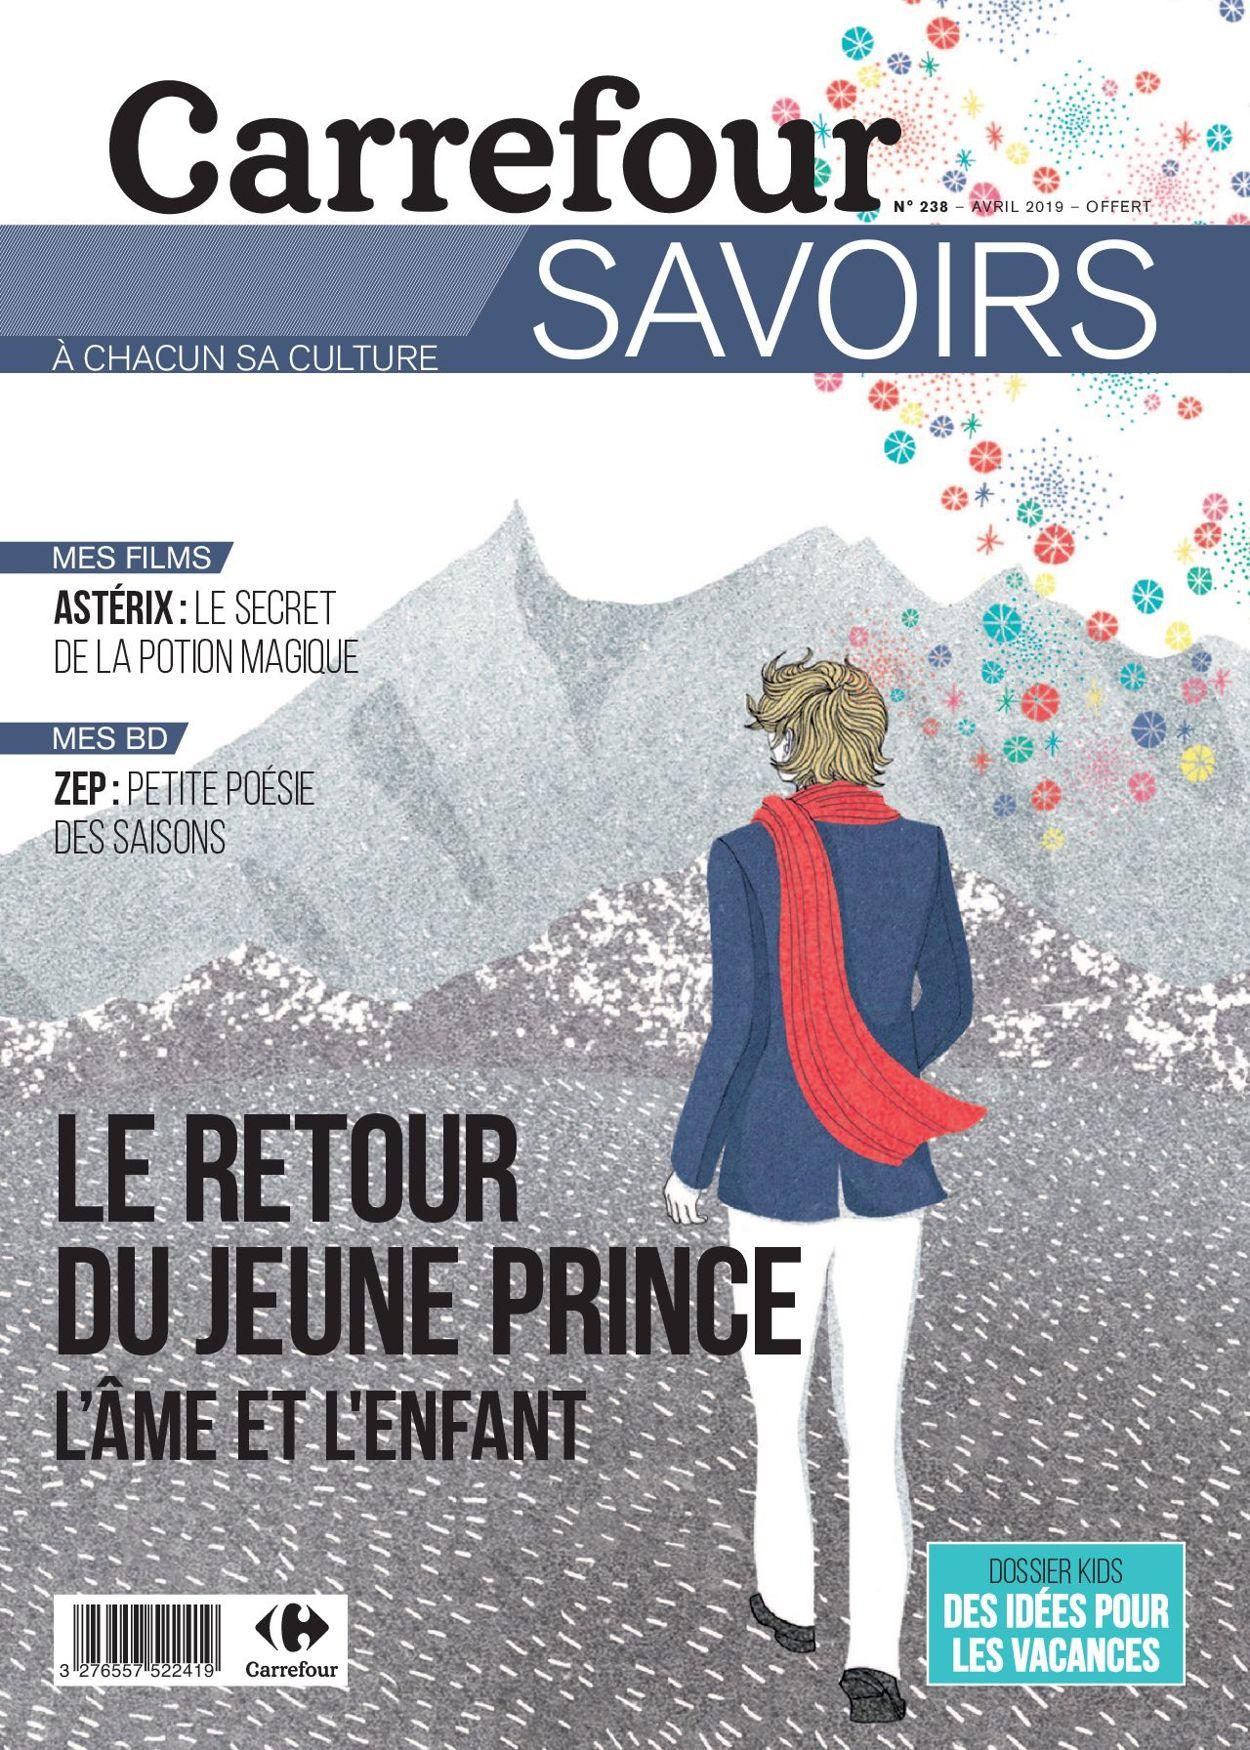 Carrefour Catalogue - 01.04-30.04.2019